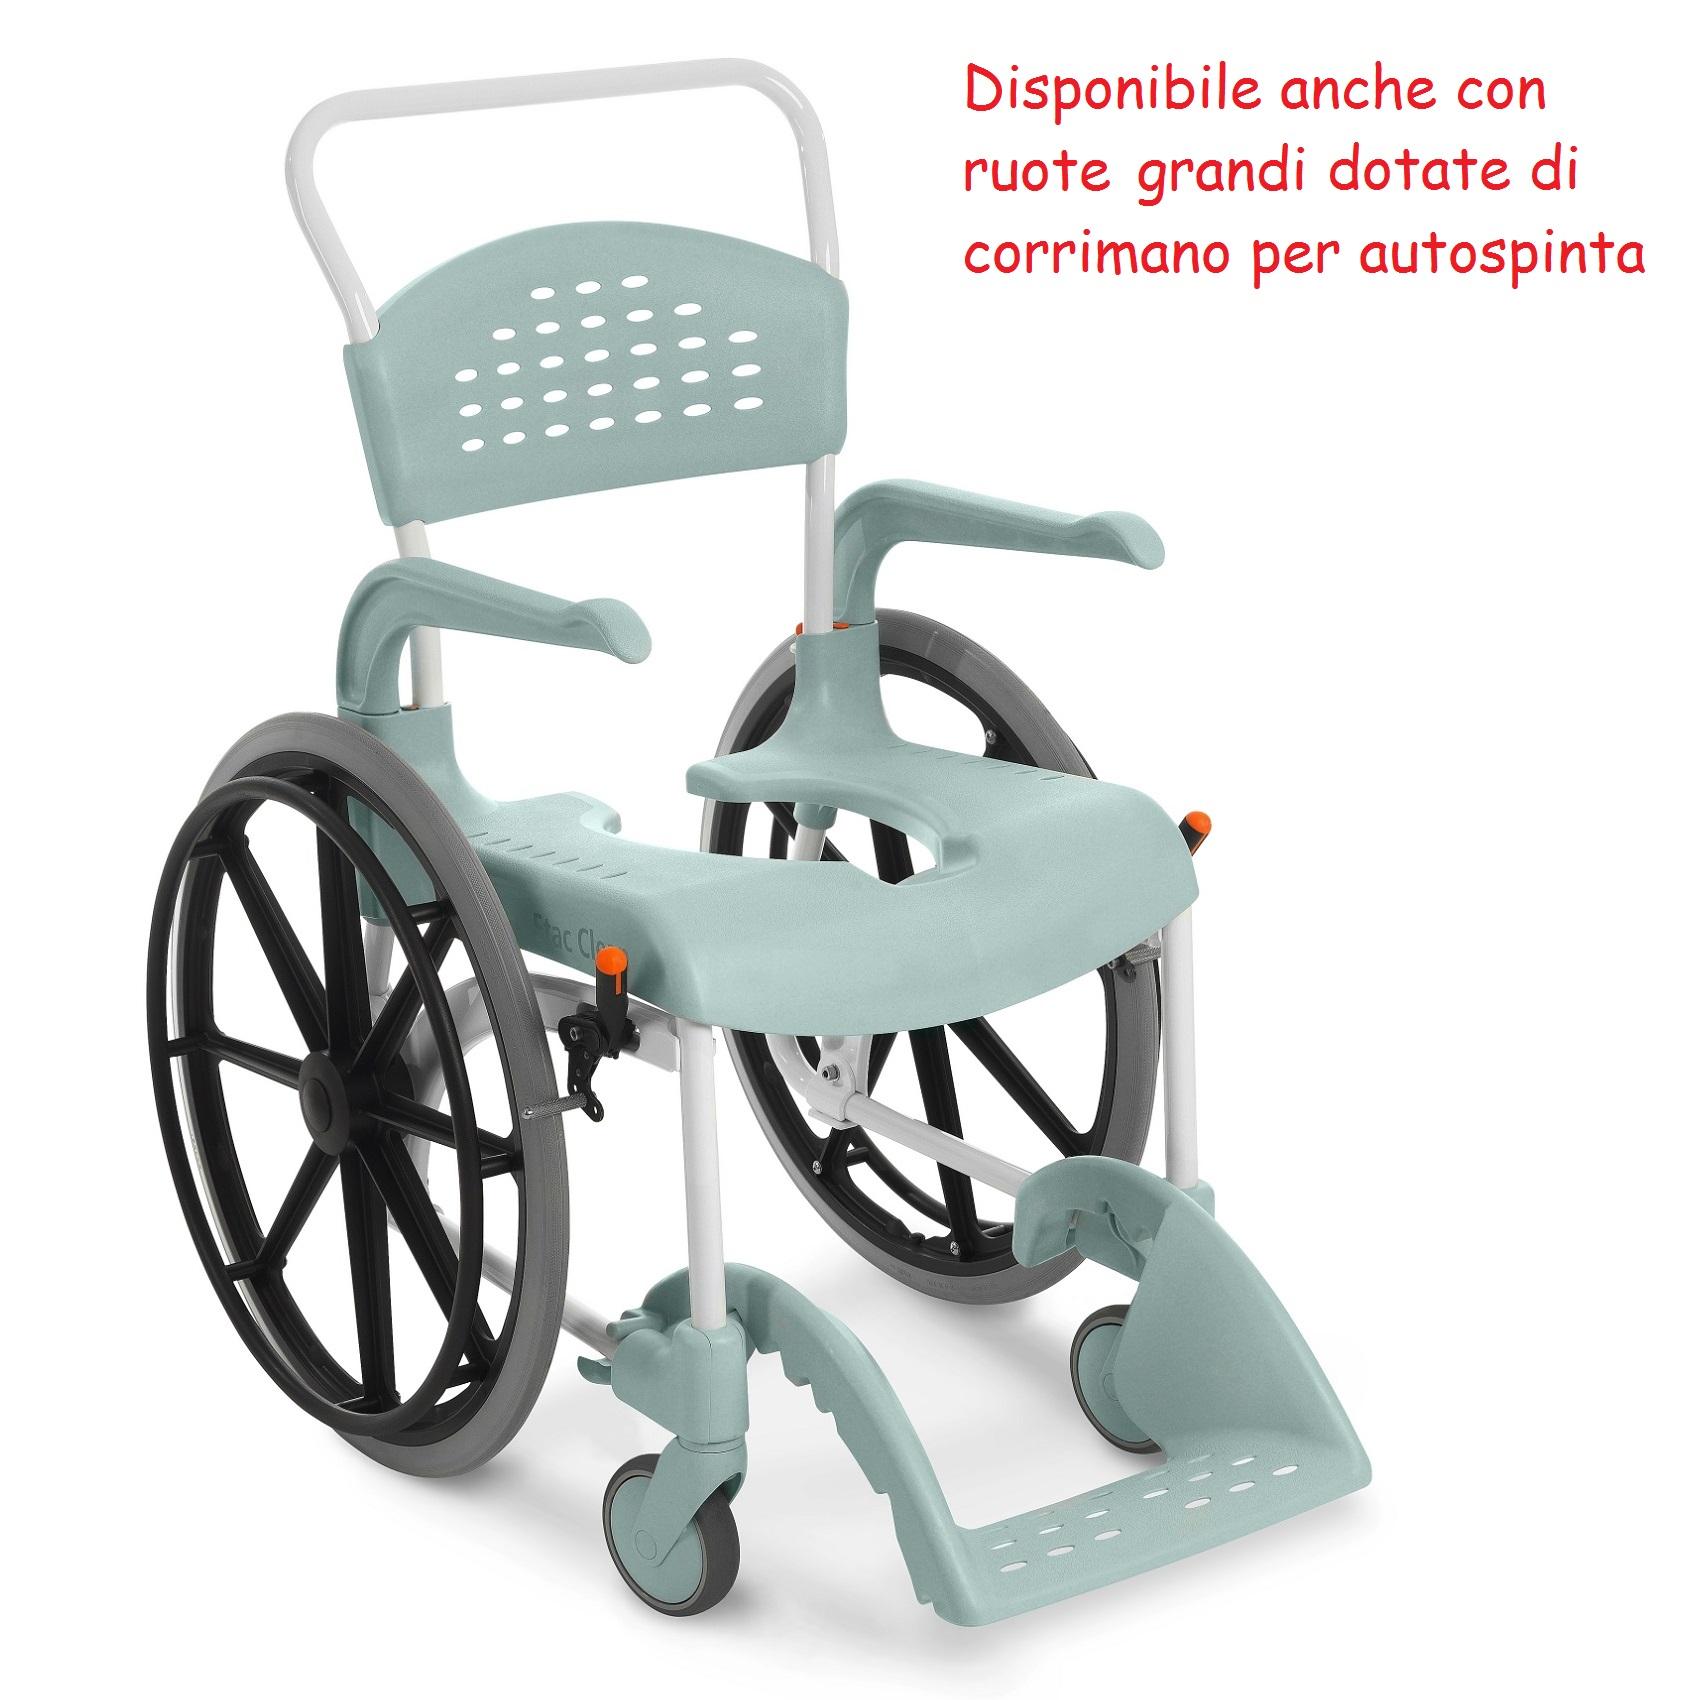 SEDIA PER WC E DOCCIA con ruote Clean - Ortopedia 24